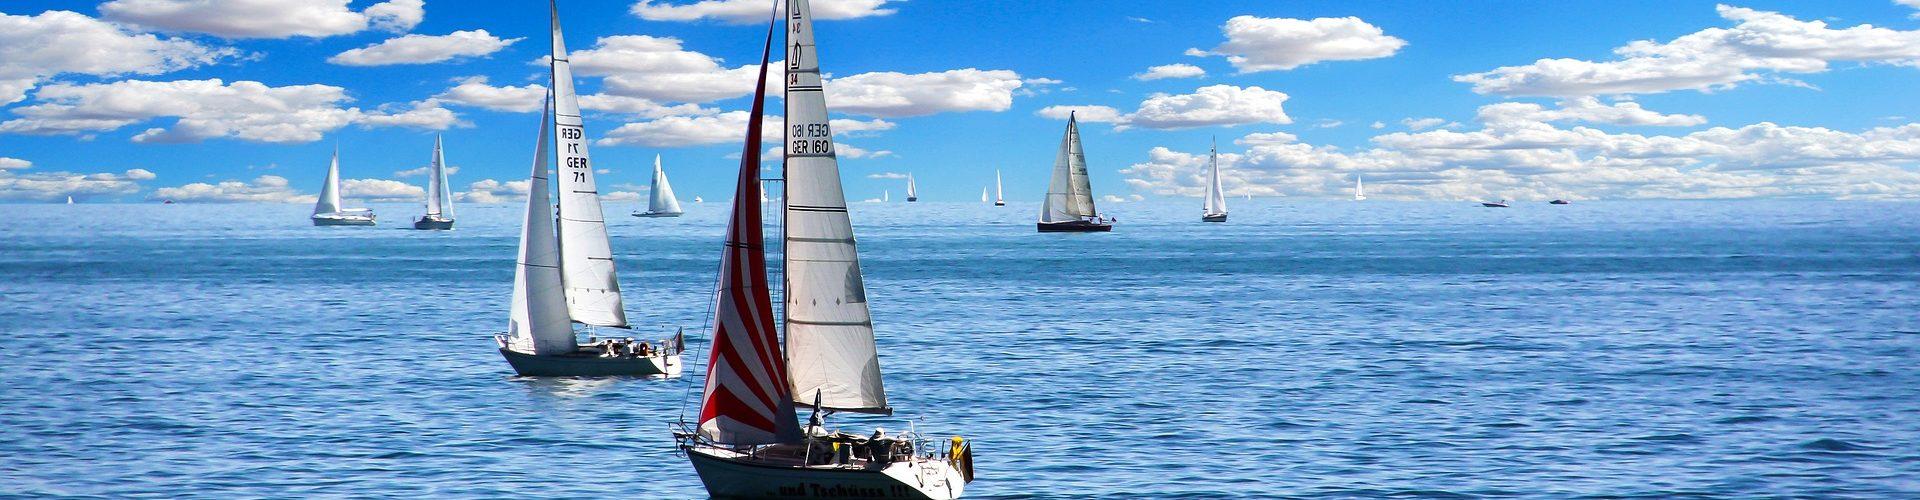 segeln lernen in Beiersdorf Freudenberg Freudenberg segelschein machen in Beiersdorf Freudenberg Freudenberg 1920x500 - Segeln lernen in Beiersdorf-Freudenberg Freudenberg